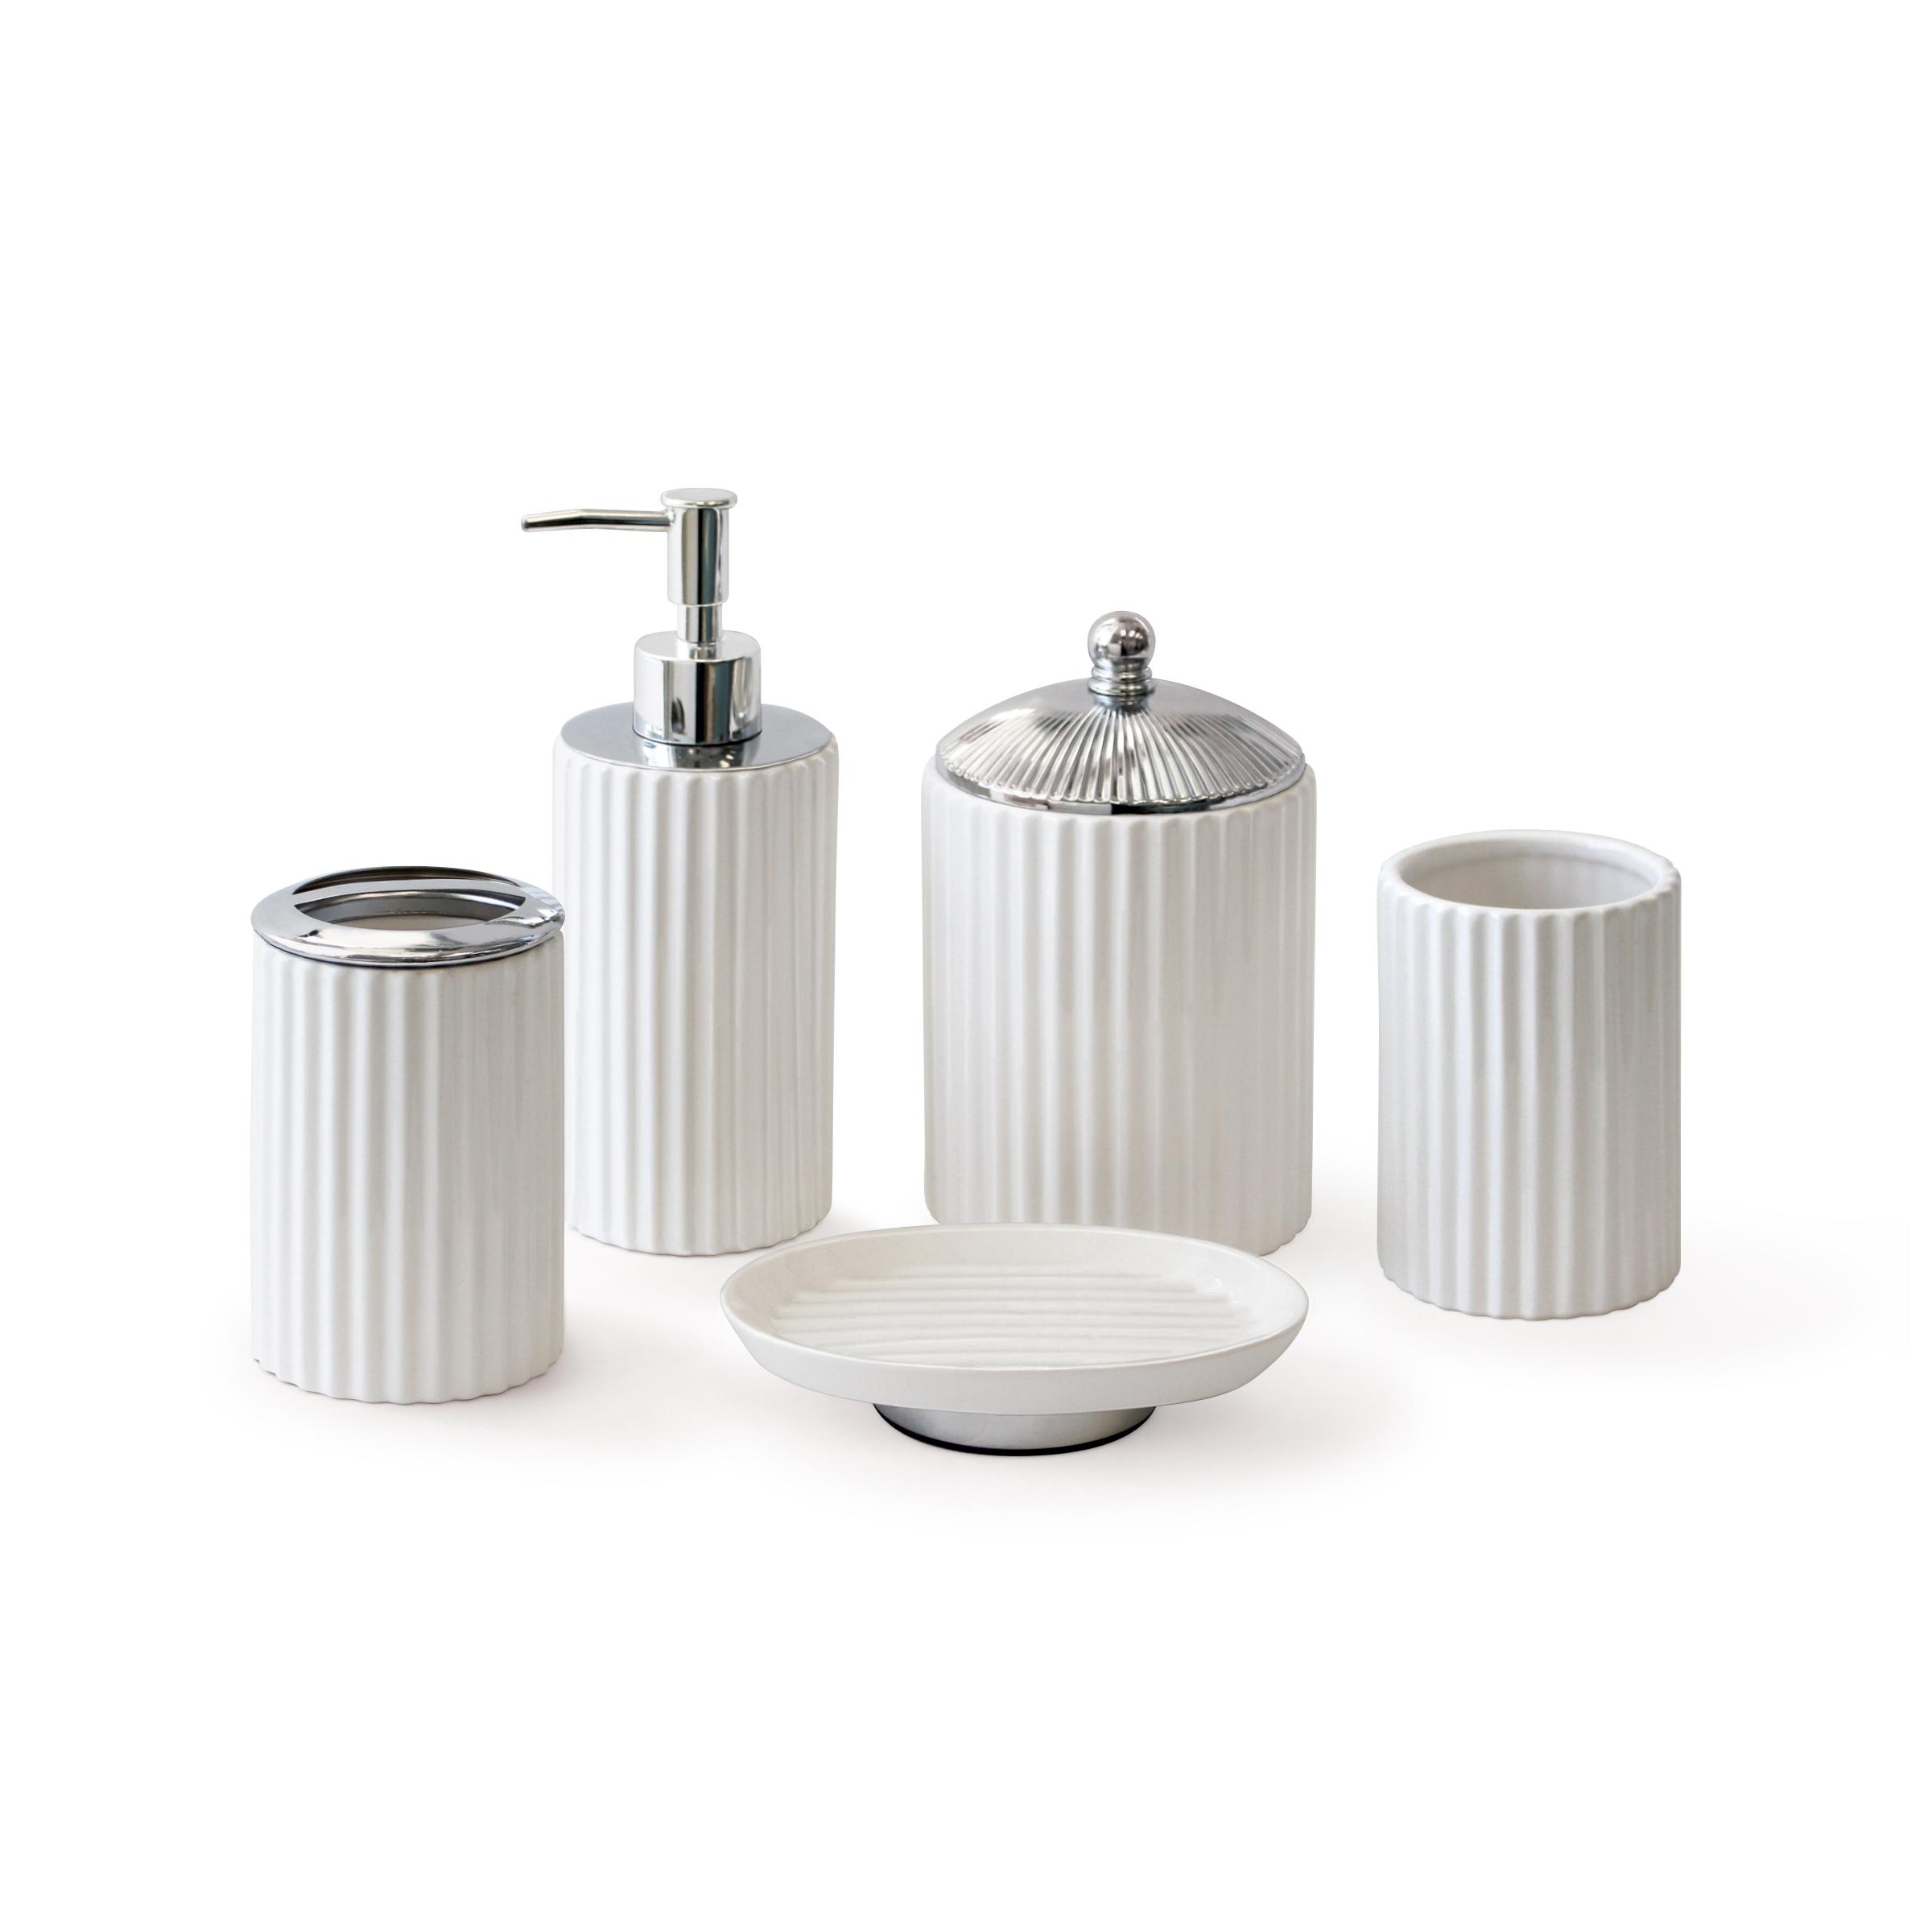 Ensembles d'accessoires - Céramique, marbre, résine et métal. Des ensembles d'accessoires pour faire ressortir votre salle de bain.